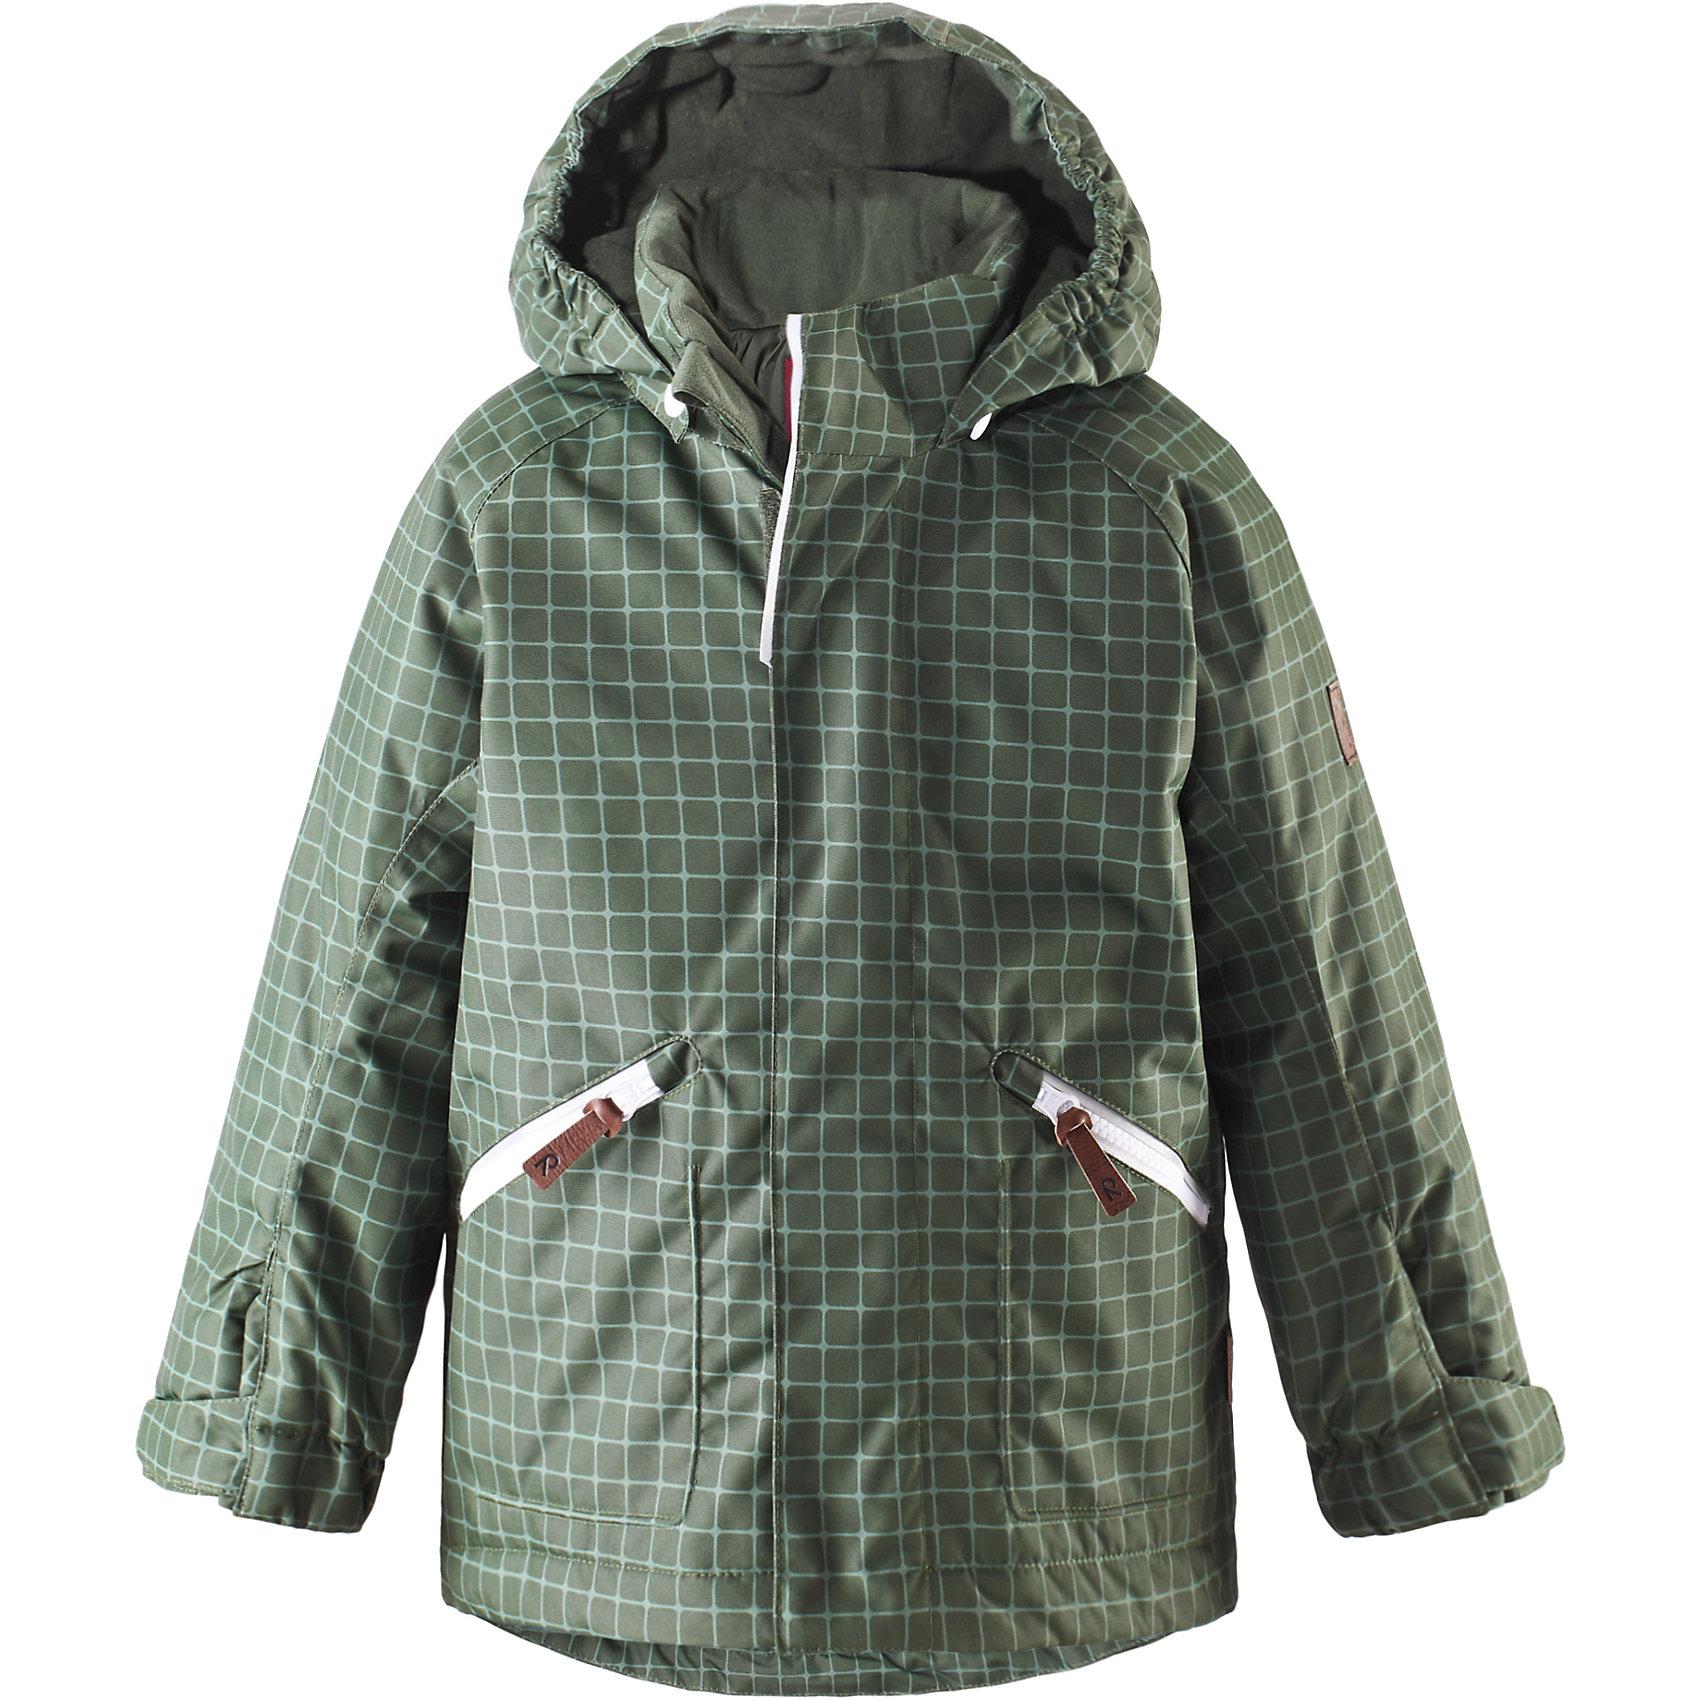 Куртка Nappaa для мальчика ReimaКуртка для мальчика Reima<br>Зимняя куртка для детей. Основные швы проклеены и не пропускают влагу. Водо- и ветронепроницаемый, «дышащий» и грязеотталкивающий материал. Гладкая подкладка из полиэстраБезопасный, съемный капюшон. Регулируемый манжет на липучке. Регулируемый подол. Два кармана на молнии. Безопасные светоотражающие детали.<br>Утеплитель: Reima® Soft Loft insulation,160 g<br>Уход:<br>Стирать по отдельности, вывернув наизнанку. Застегнуть молнии и липучки. Стирать моющим средством, не содержащим отбеливающие вещества. Полоскать без специального средства. Во избежание изменения цвета изделие необходимо вынуть из стиральной машинки незамедлительно после окончания программы стирки. Сушить при низкой температуре.<br>Состав:<br>100% Полиамид, полиуретановое покрытие<br><br>Ширина мм: 356<br>Глубина мм: 10<br>Высота мм: 245<br>Вес г: 519<br>Цвет: зеленый<br>Возраст от месяцев: 60<br>Возраст до месяцев: 72<br>Пол: Мужской<br>Возраст: Детский<br>Размер: 116,122,128,110,140,104,134<br>SKU: 4777866